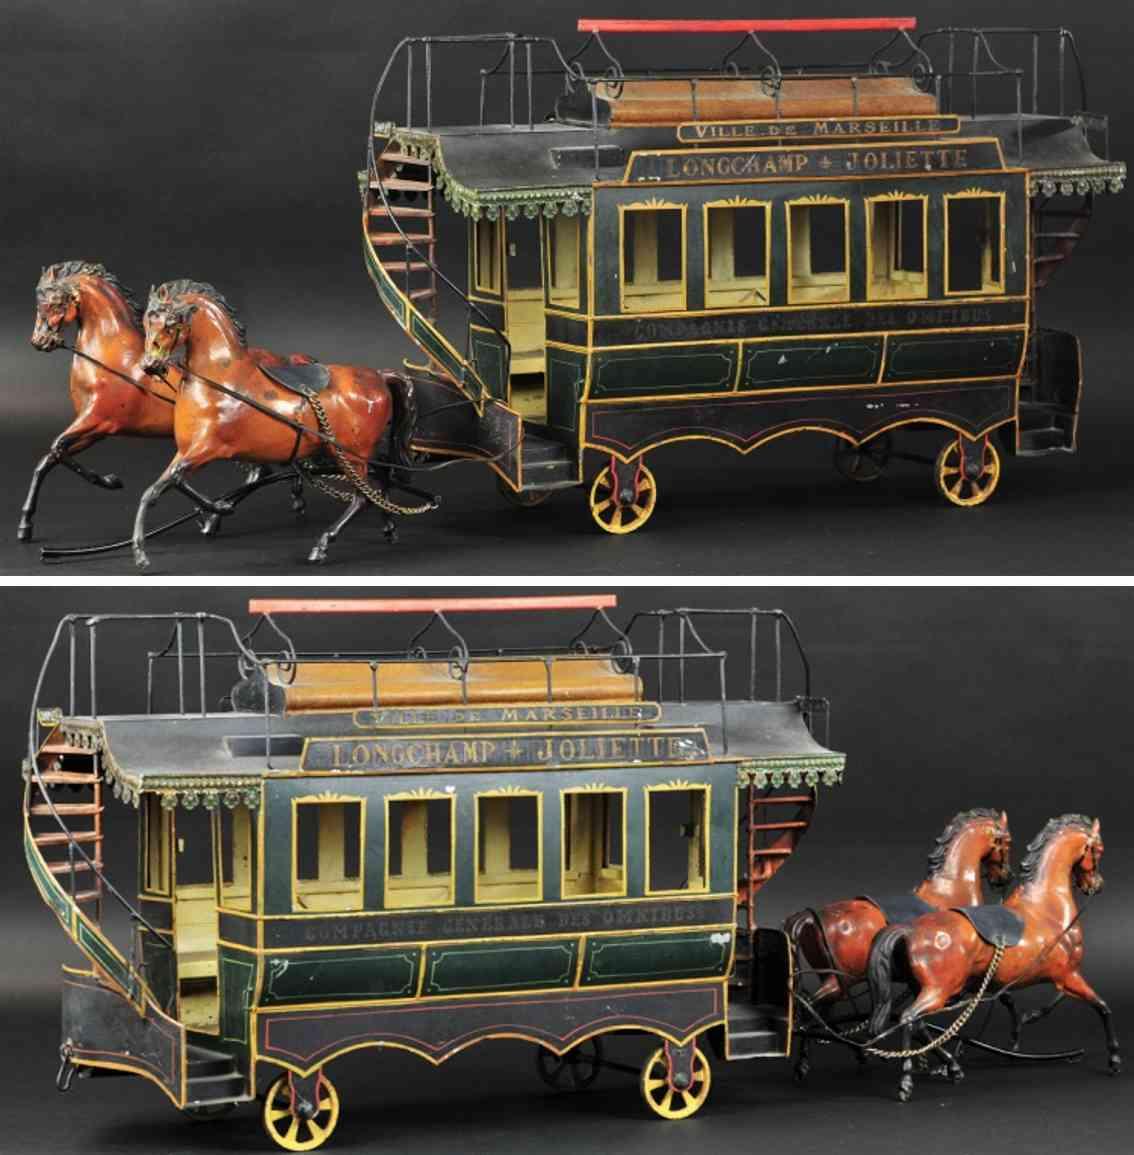 blech spielzeug doppeldeckerbuskutsche zwei braune pferde